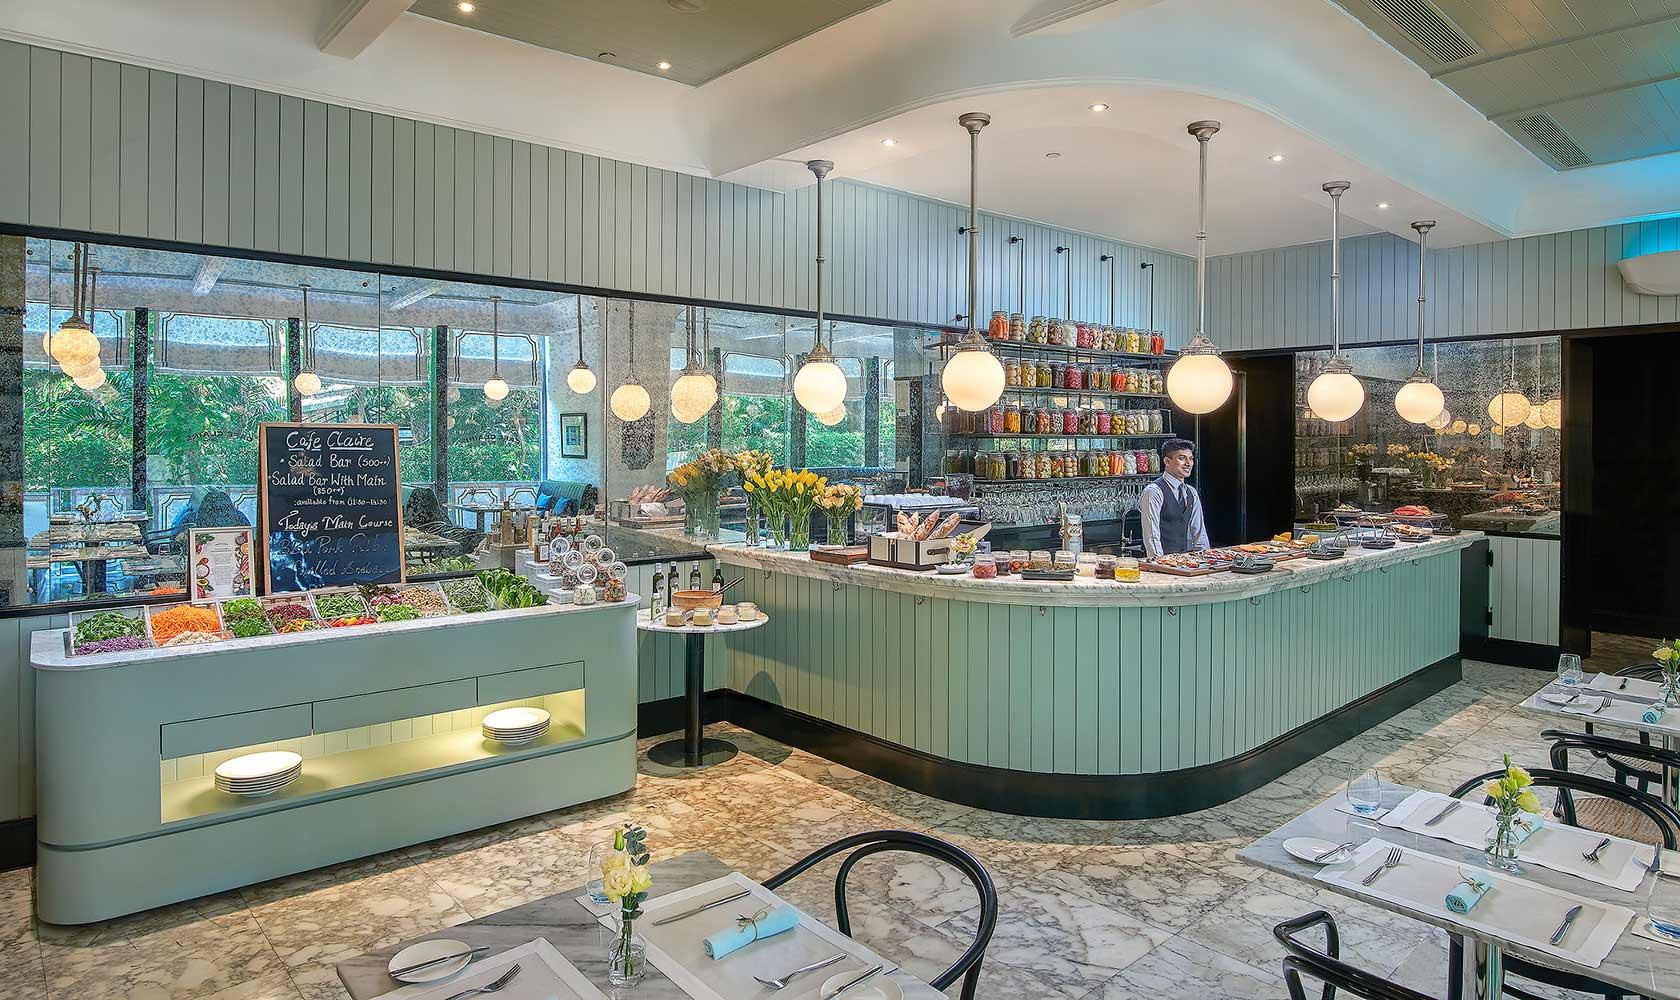 Café Claire 咖啡厅 - 吧台区 - 曼谷东临俪舍